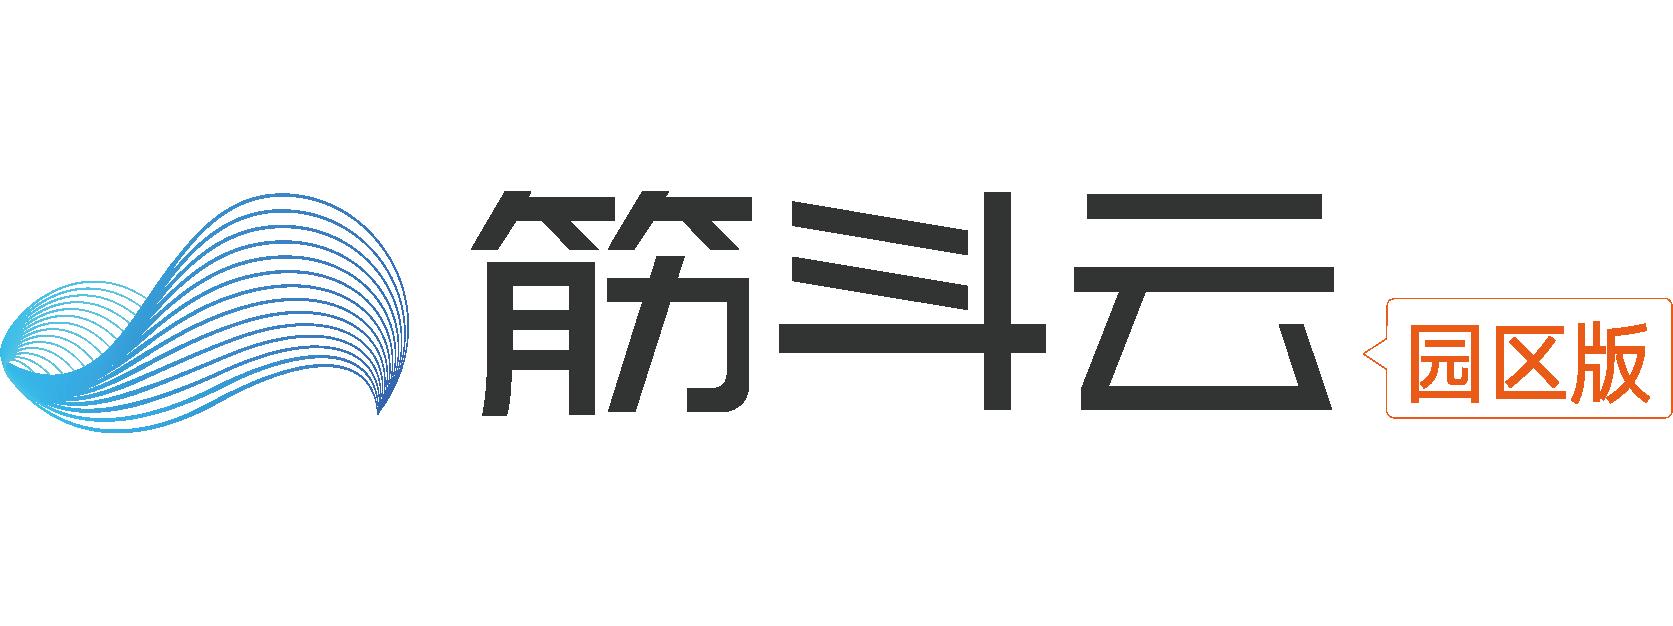 筋斗云(园区版)